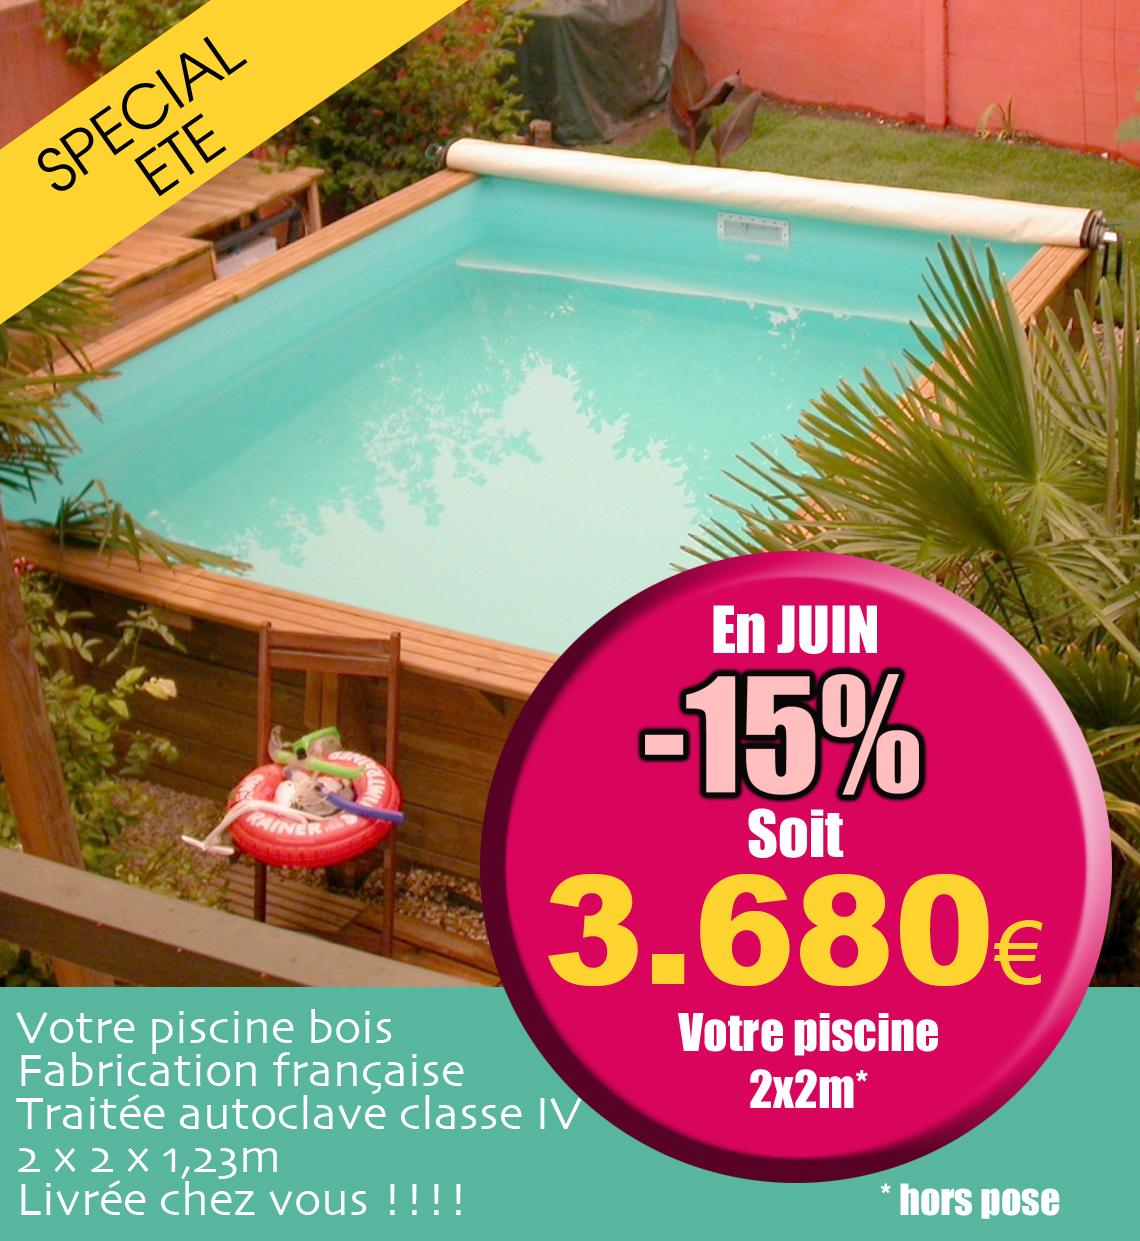 Le blog de la piscine bois for Piscine bois 2x2